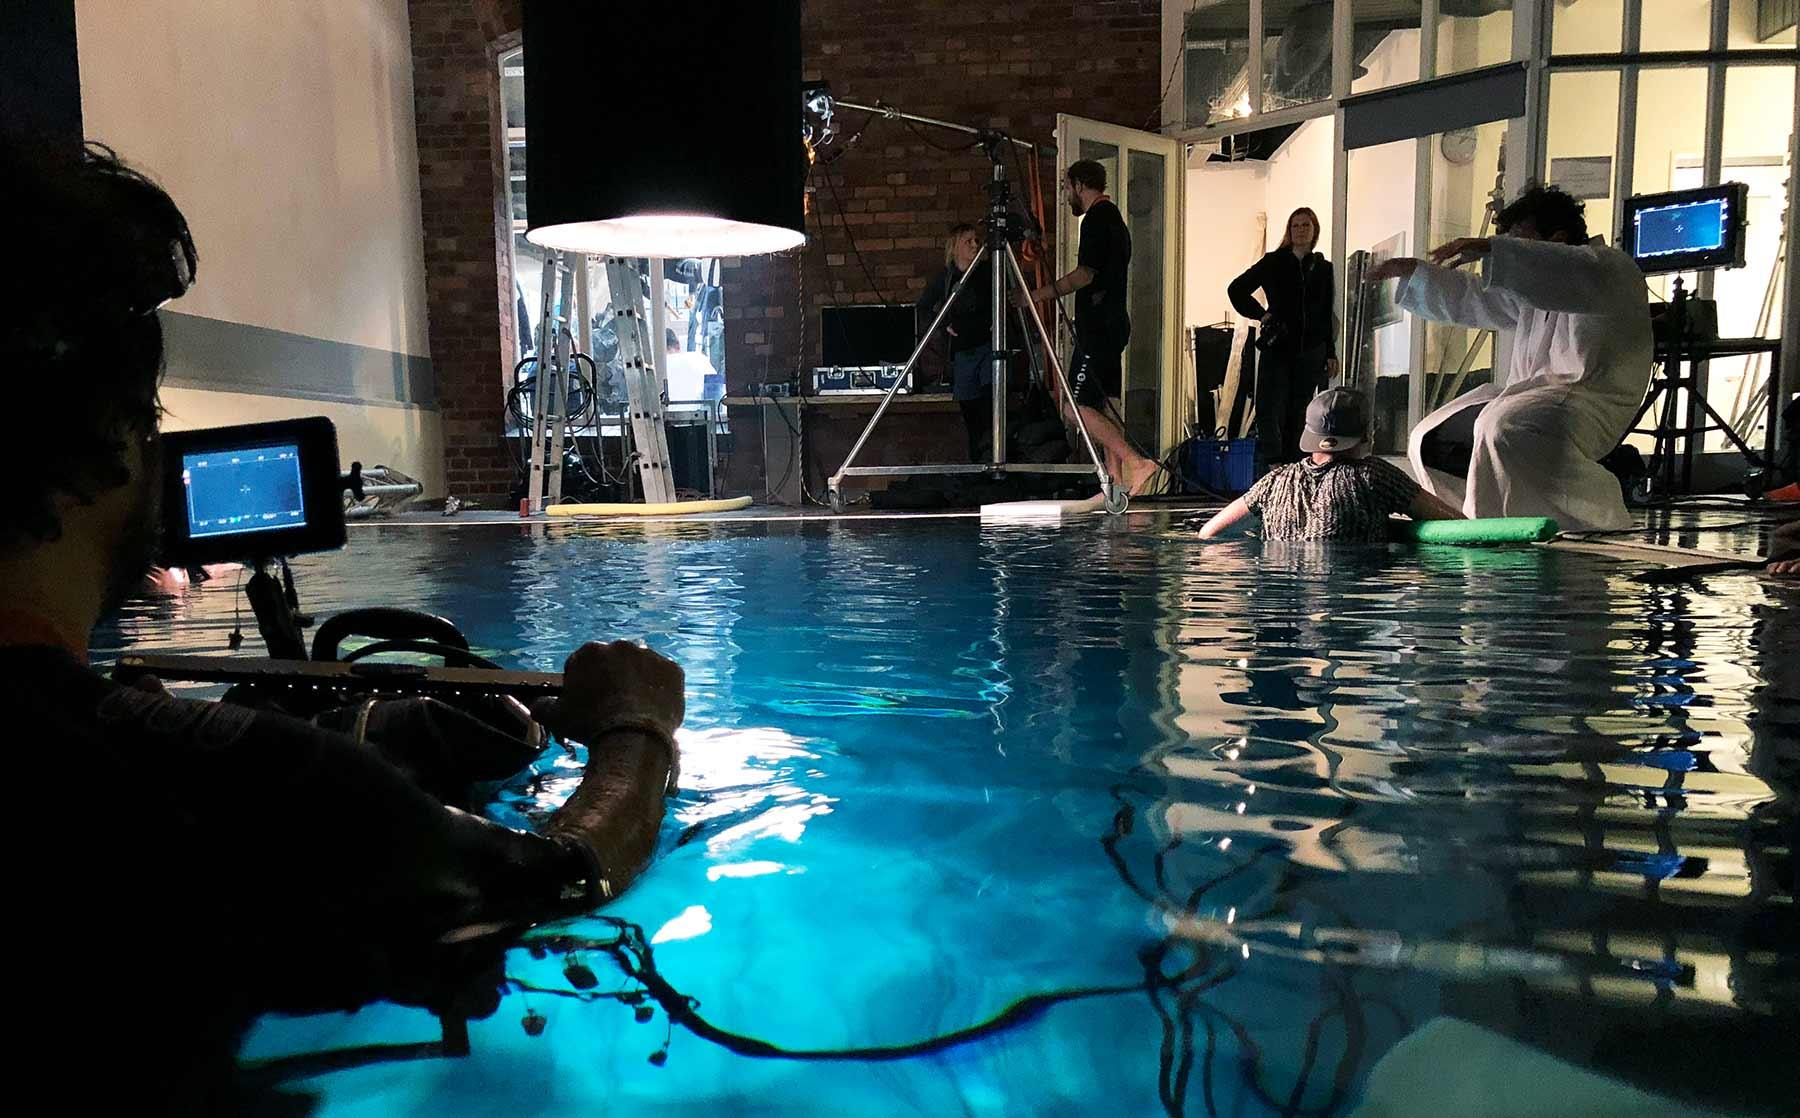 Ich war beim Unterwasser-Musikvideodreh von The Wholls The-Wholls-Videodreh-Going-Down_05